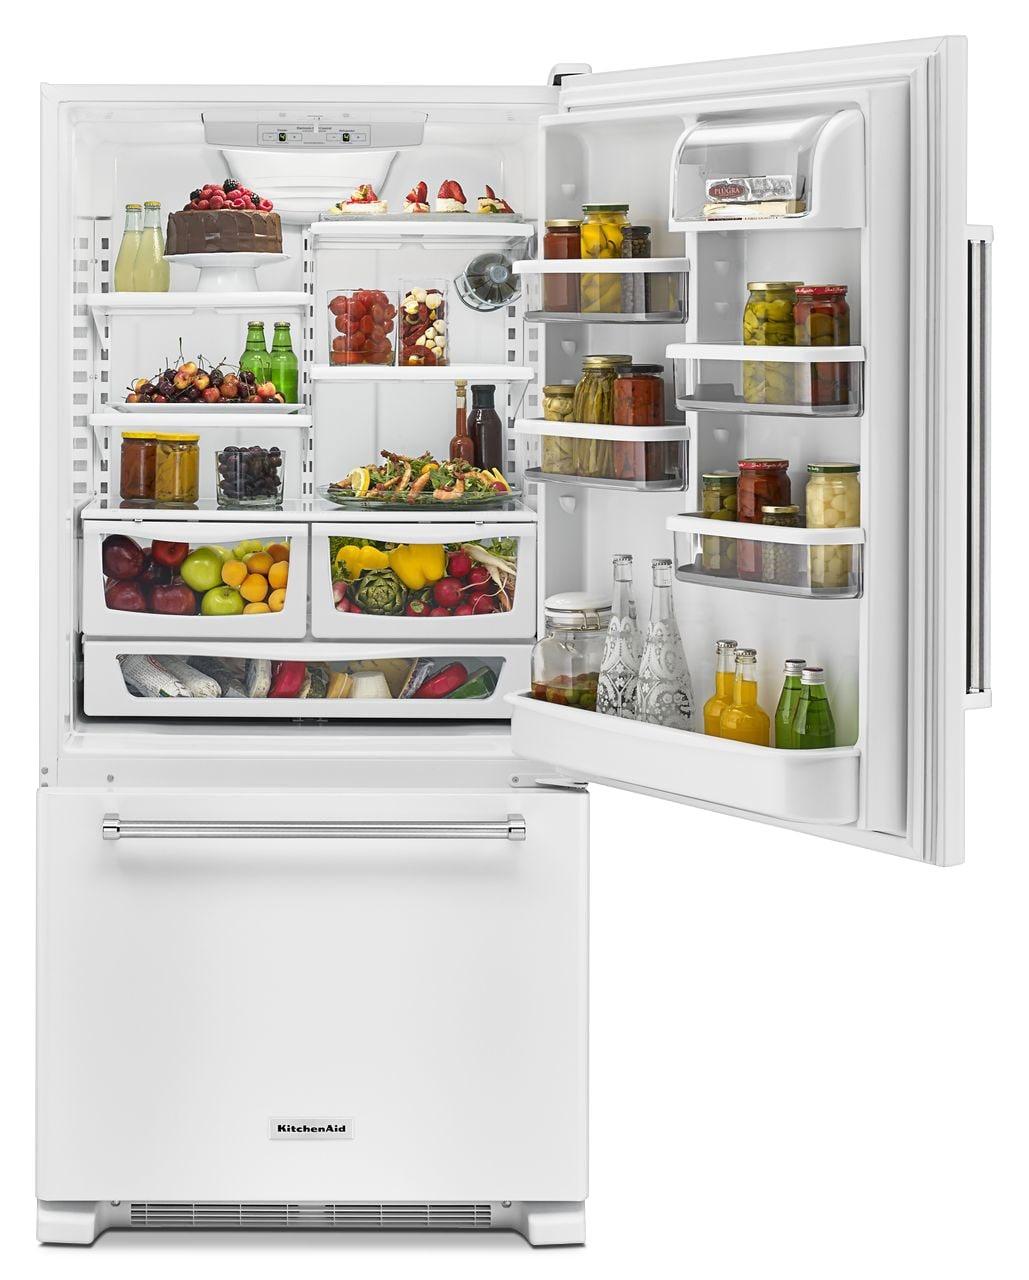 Guam aid bottom freezer kitchen refrigerator